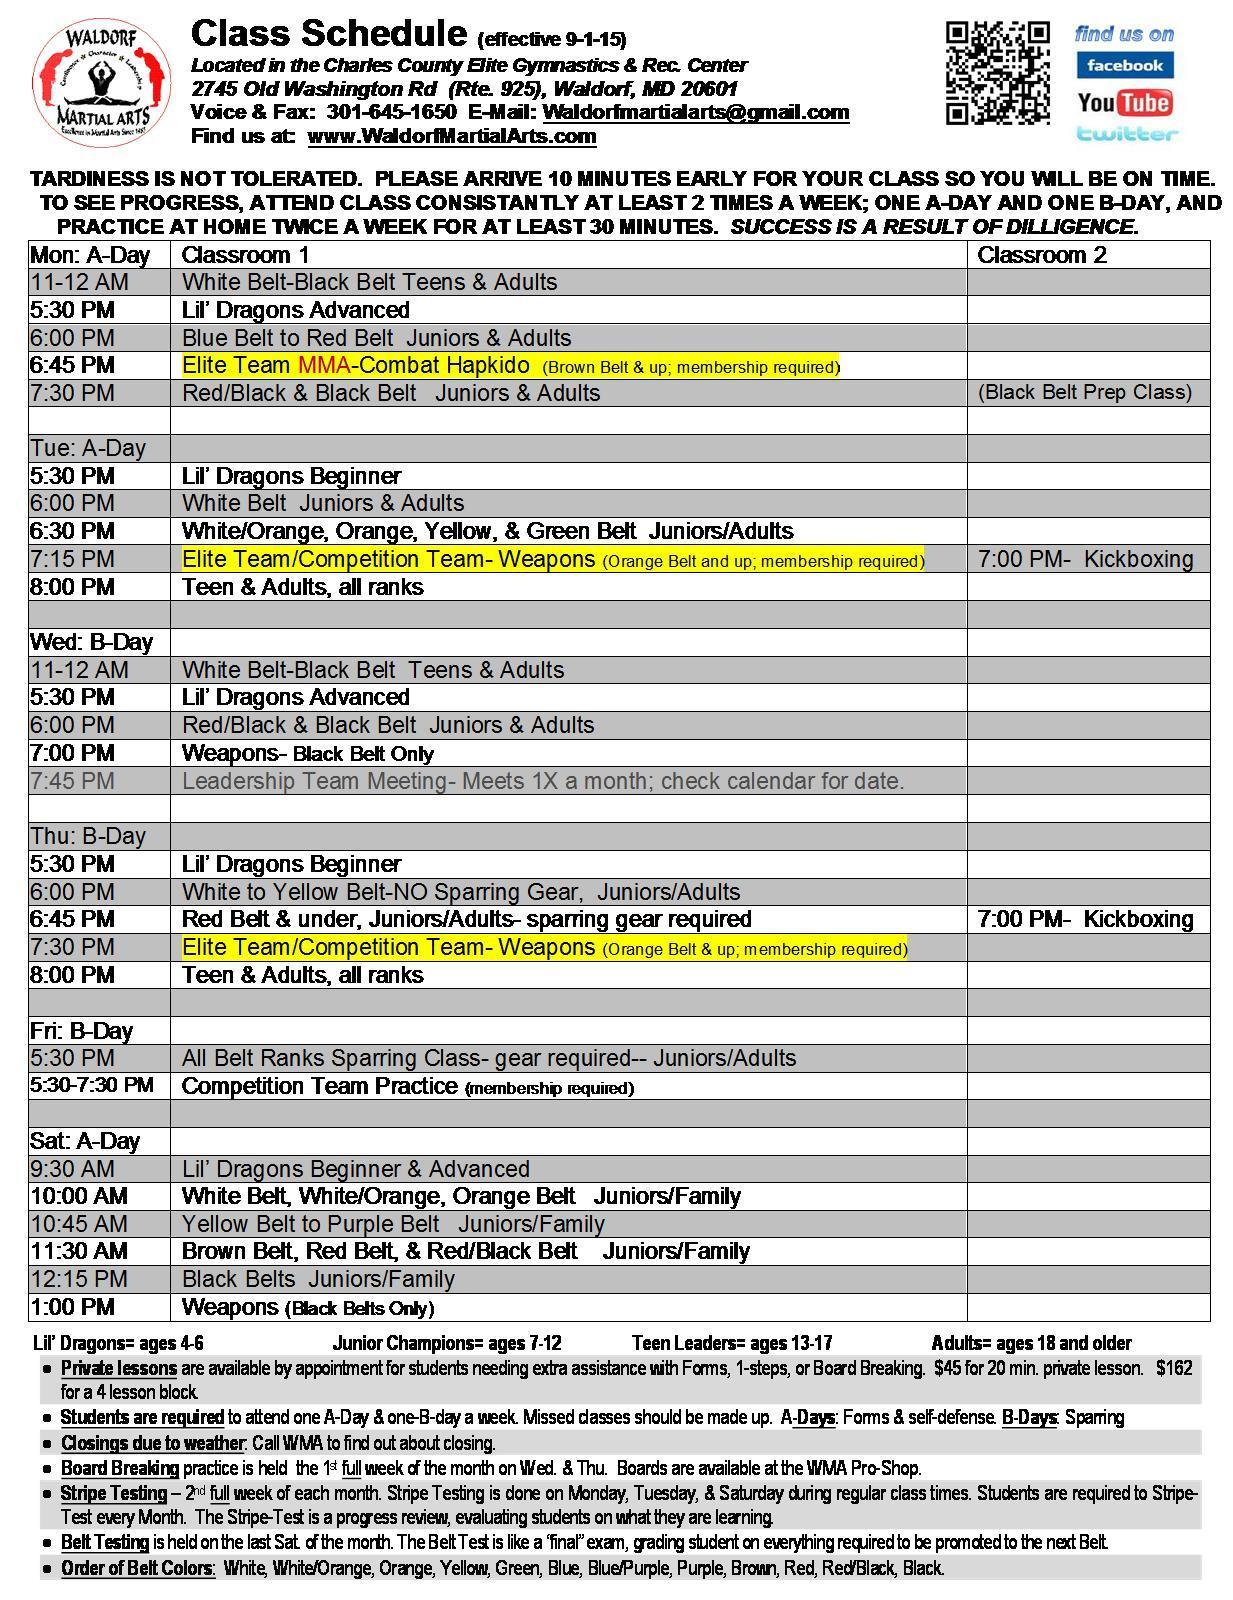 2015 WMA Fall-Winter Class Schedule